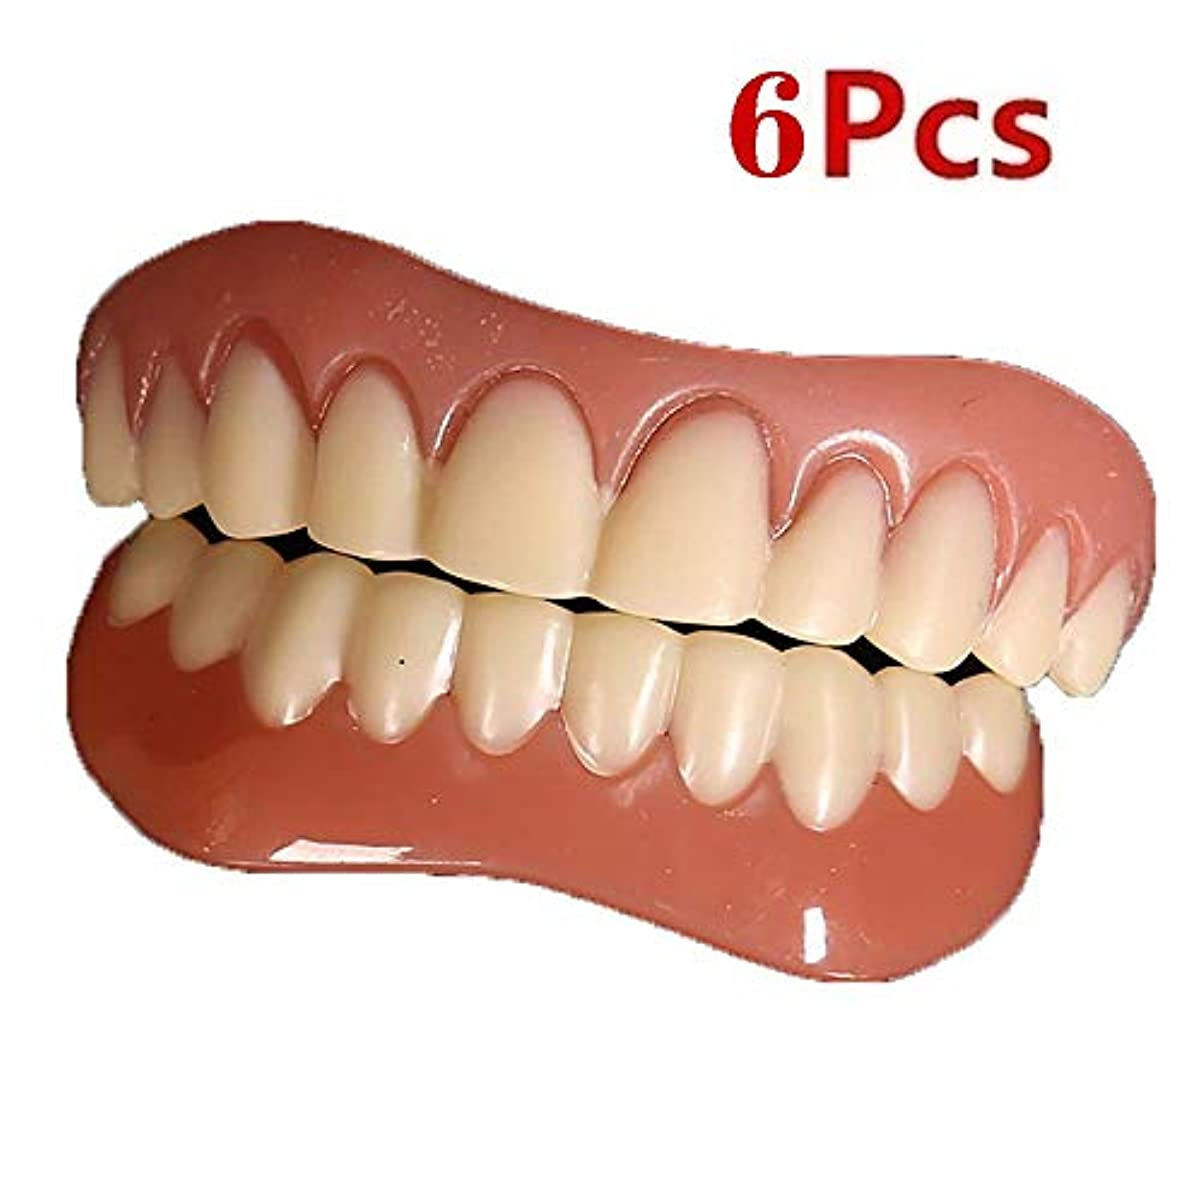 スキニー帽子フリース6個のインスタントスマイルの歯アッパーロアーベニアの快適さフィットの歯のベニヤ、ワンサイズは数分以内に自宅であなたの笑顔を直す